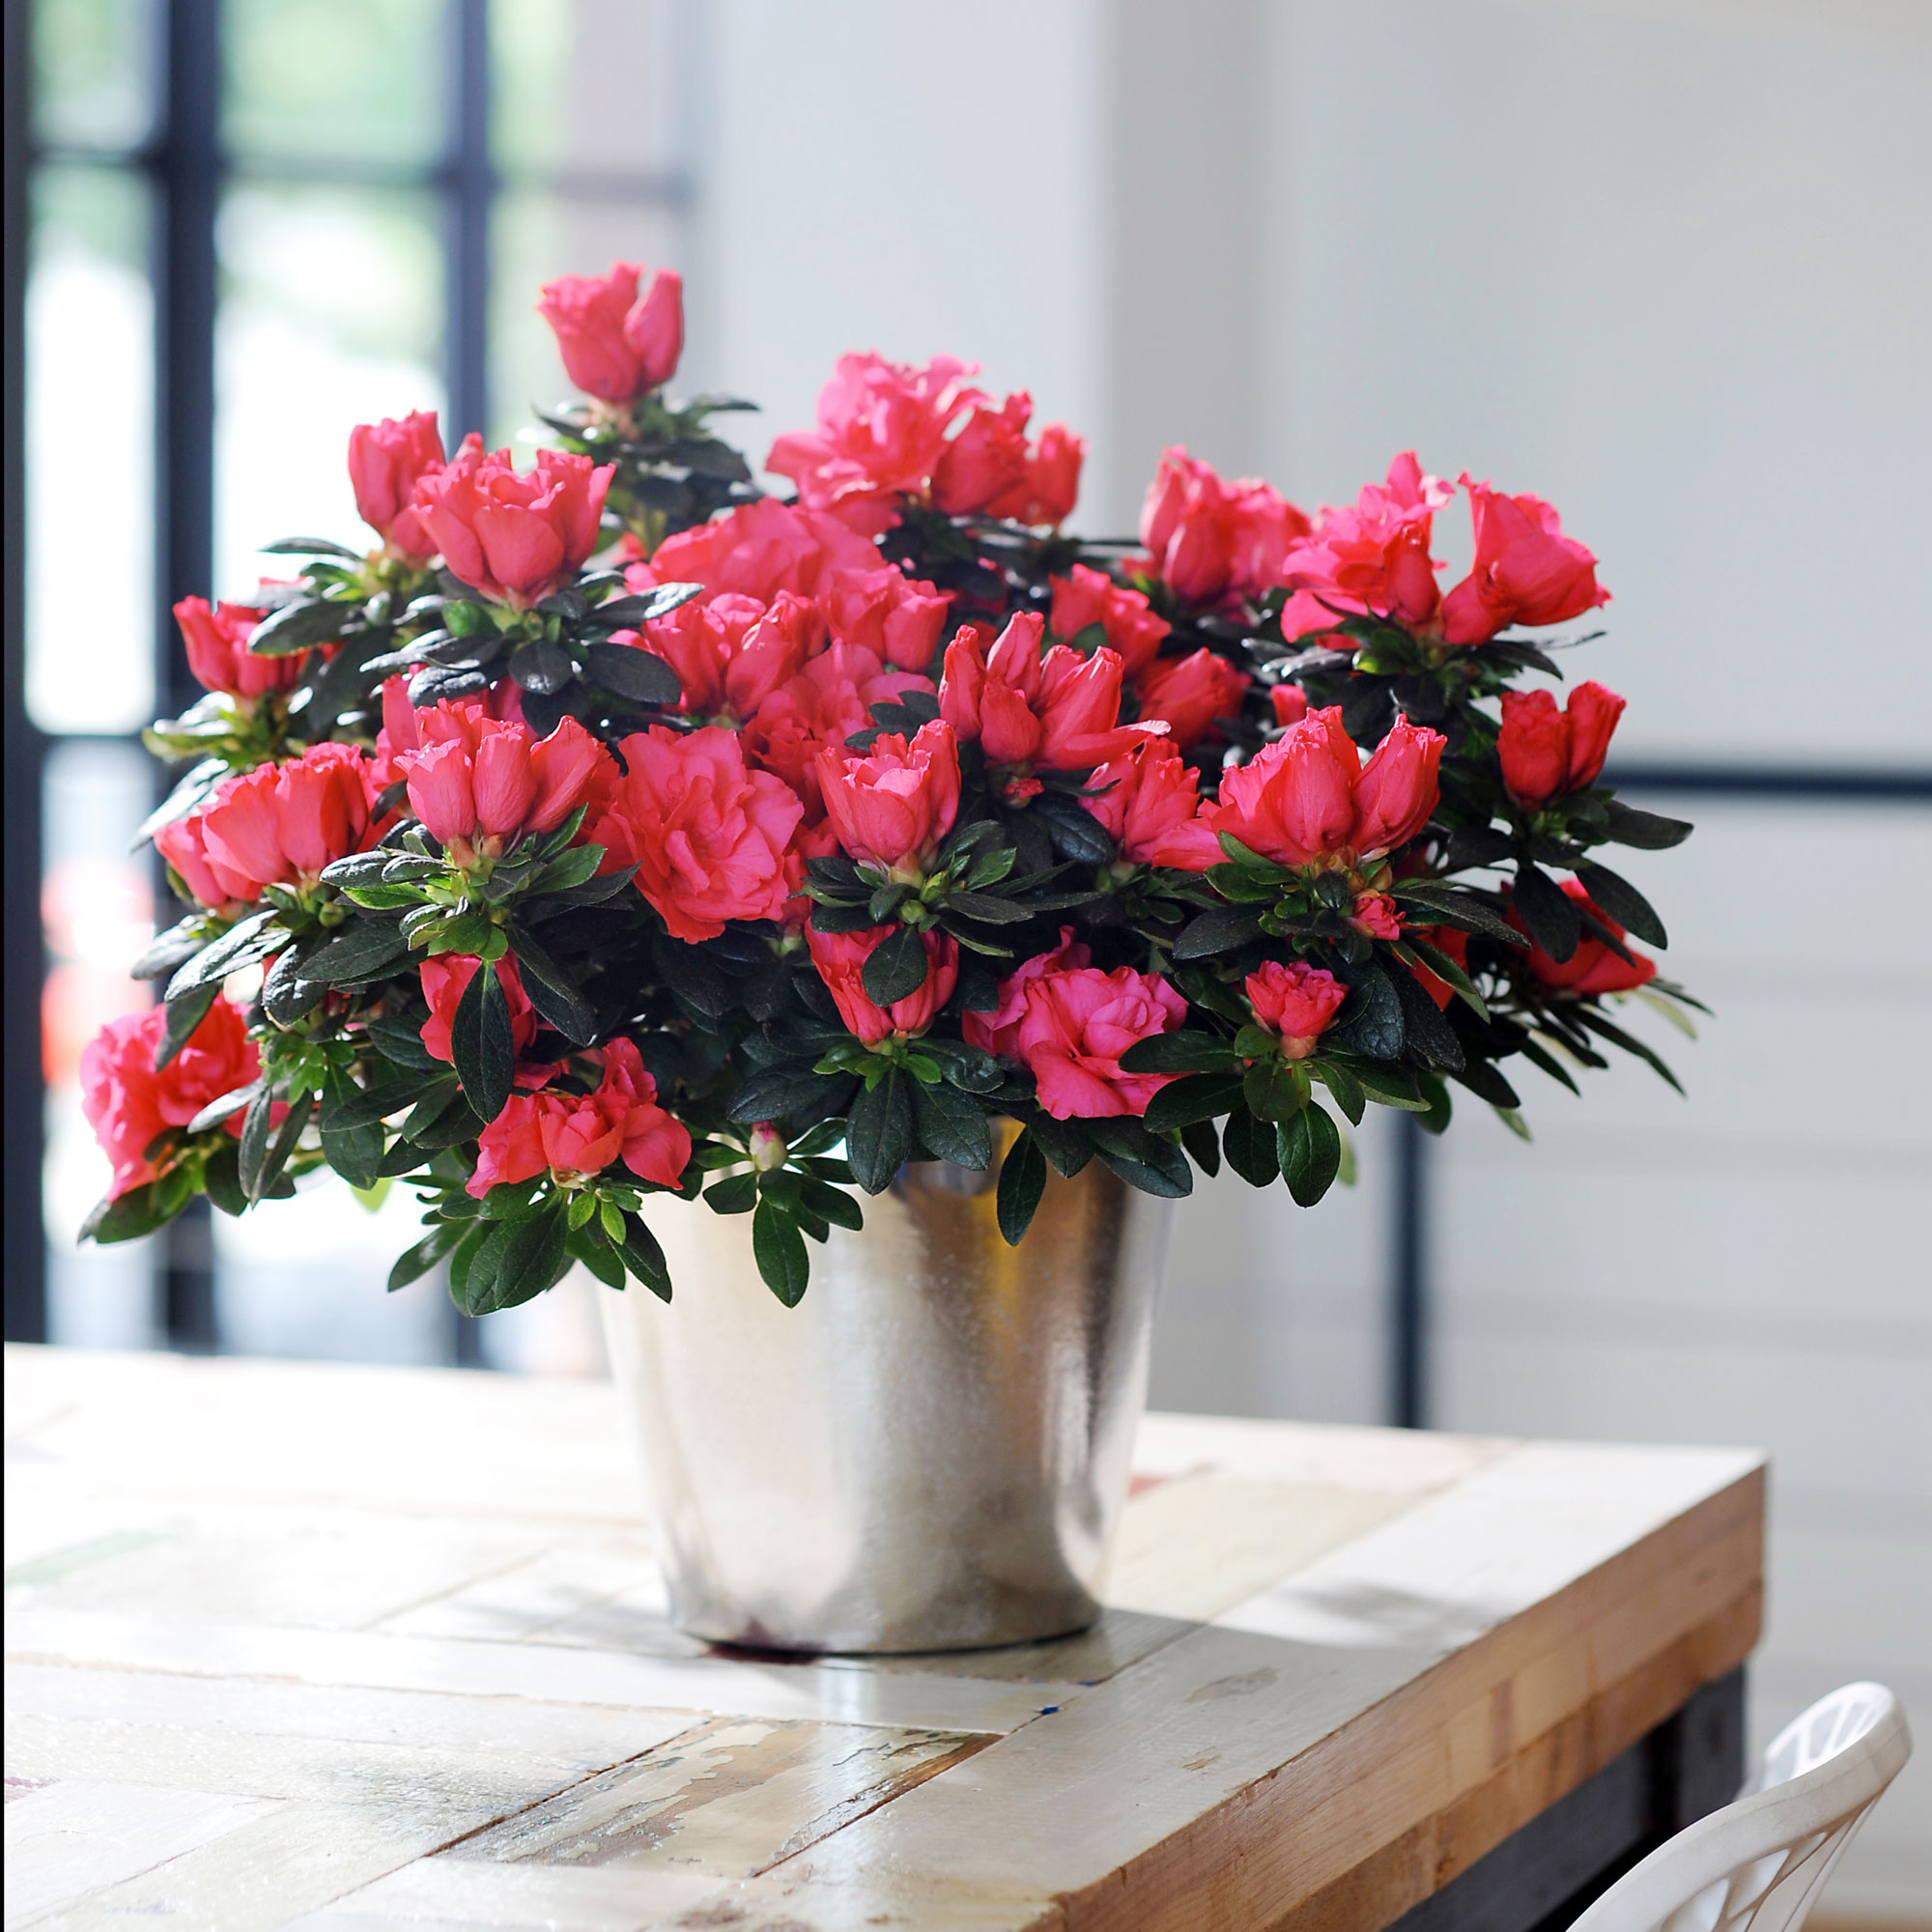 же, комнатные цветы азалия фото названия и уход бойцы мма анализ